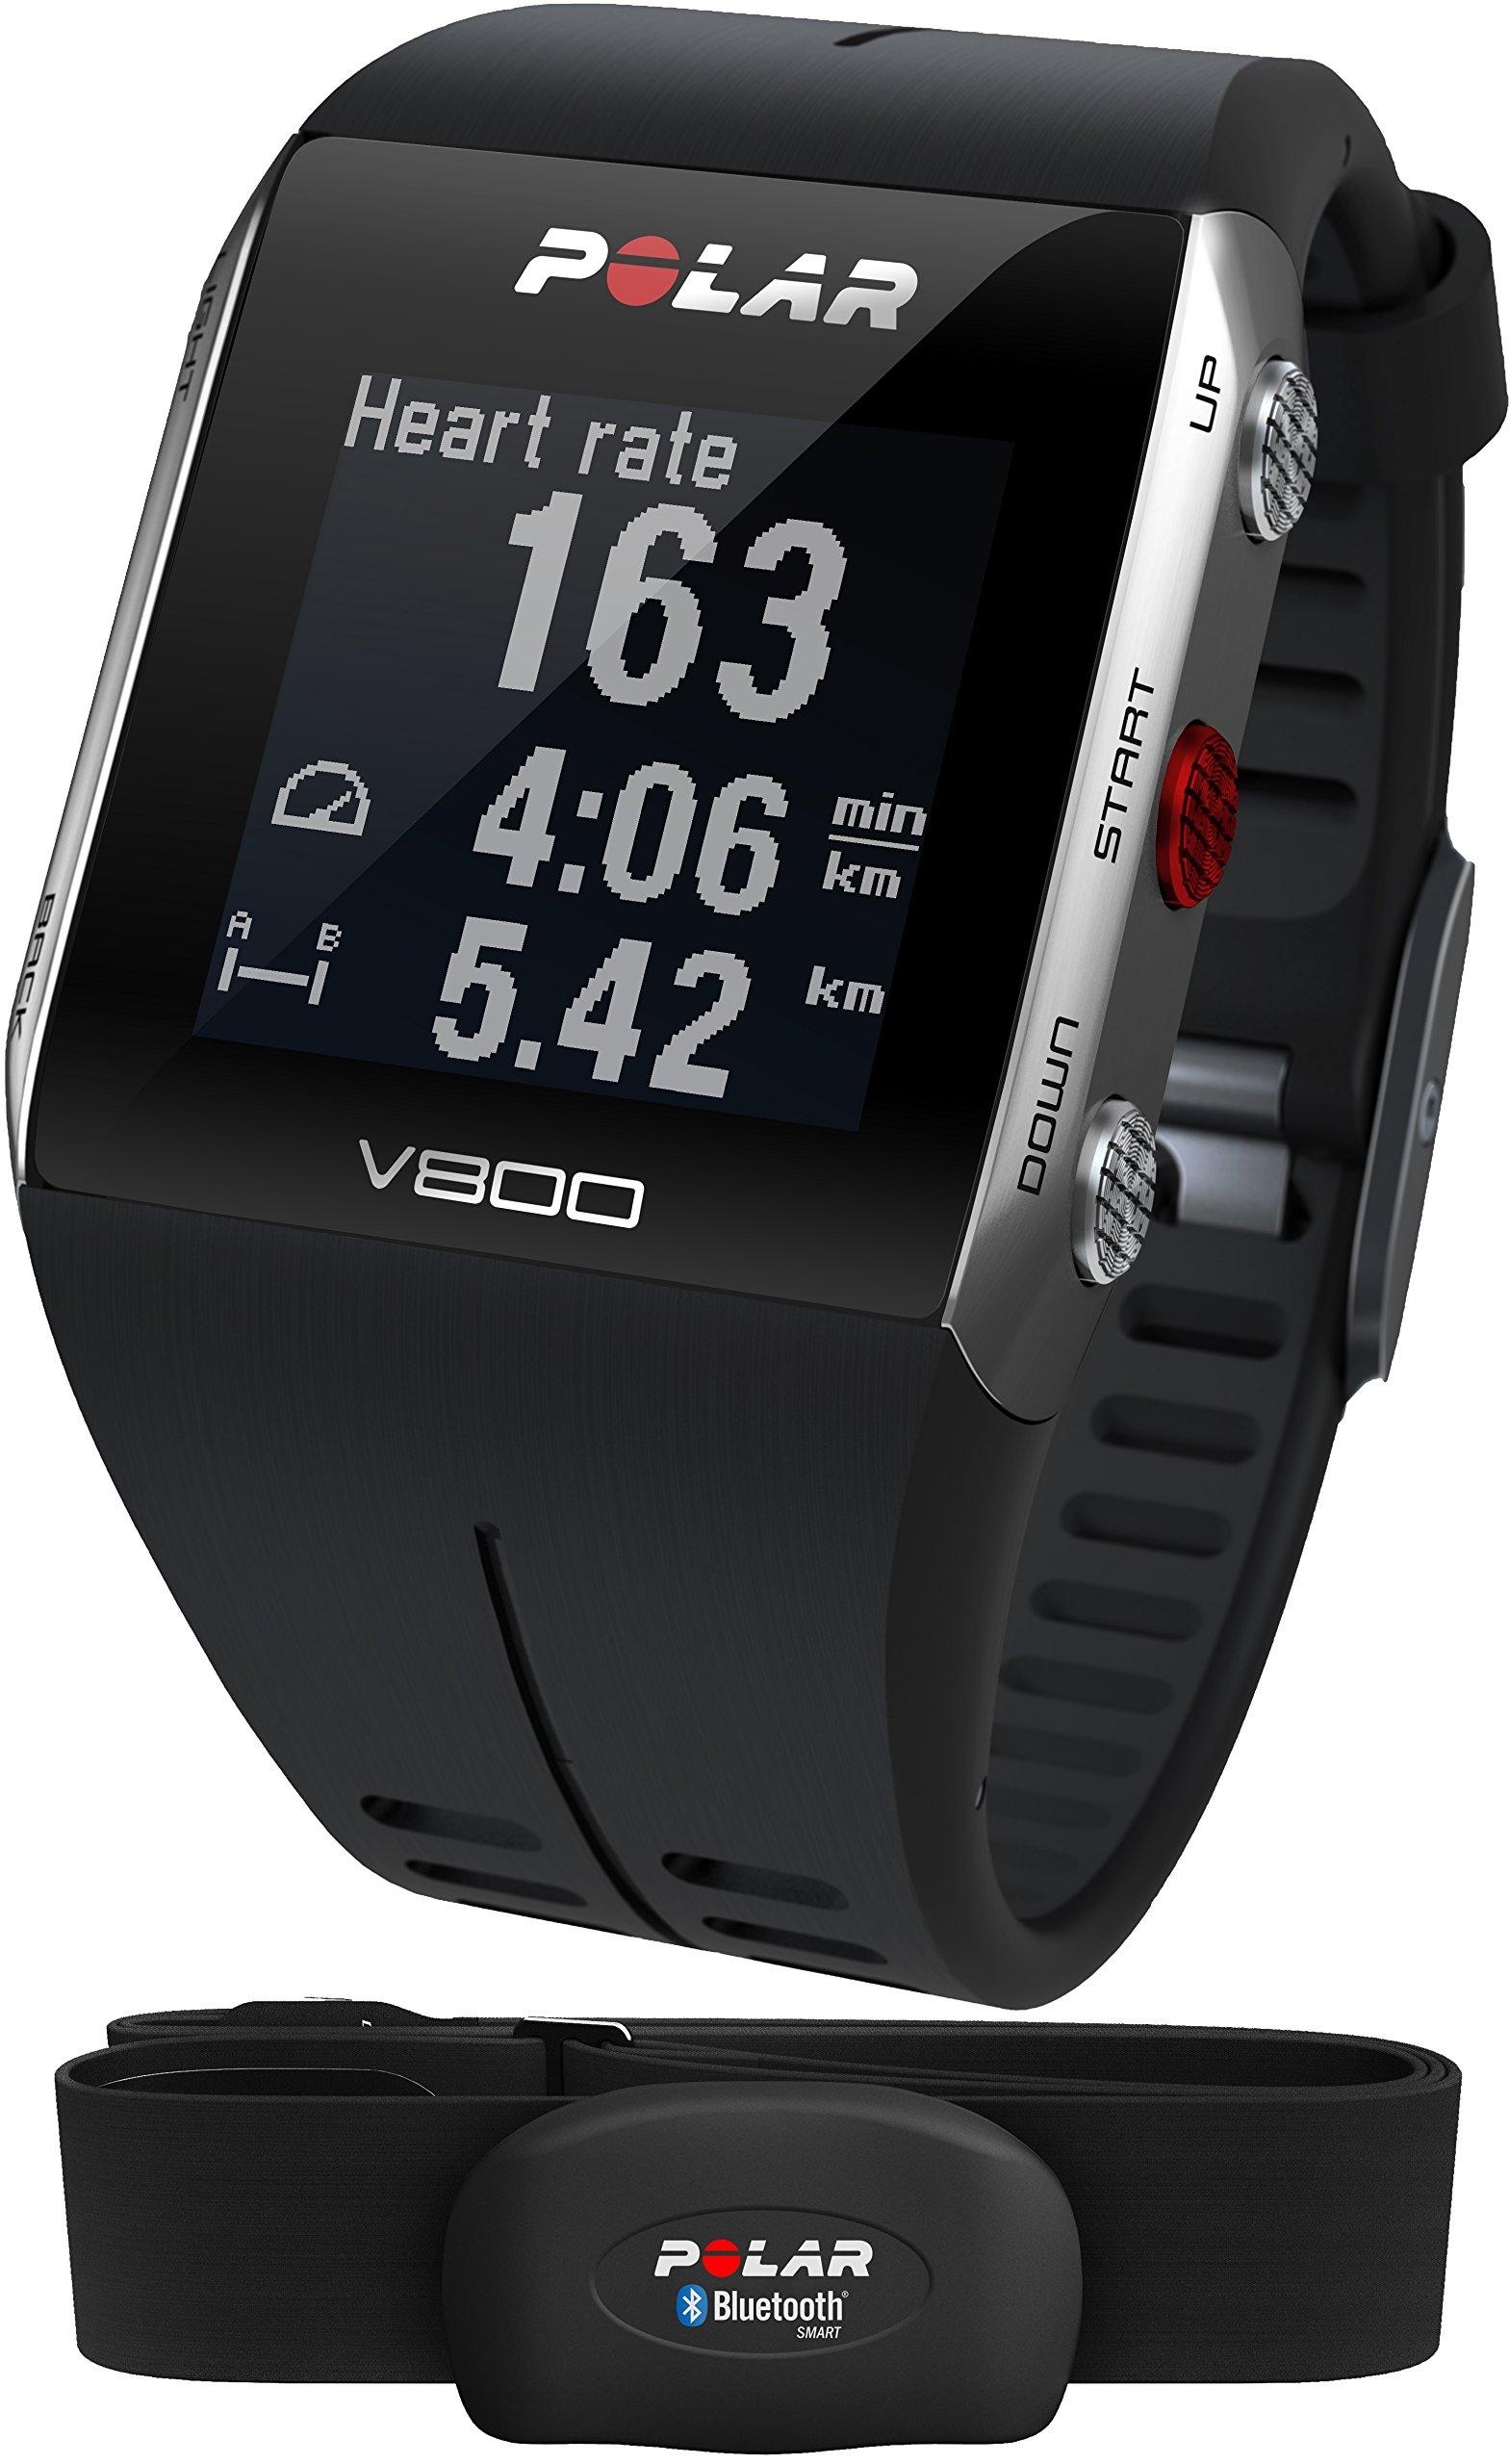 Polar V800 Orologio GPS multisport per monitoraggio attività fisica, altimetro barometrico, con fascia cardio bluetooth smart, Nero/Grigio product image